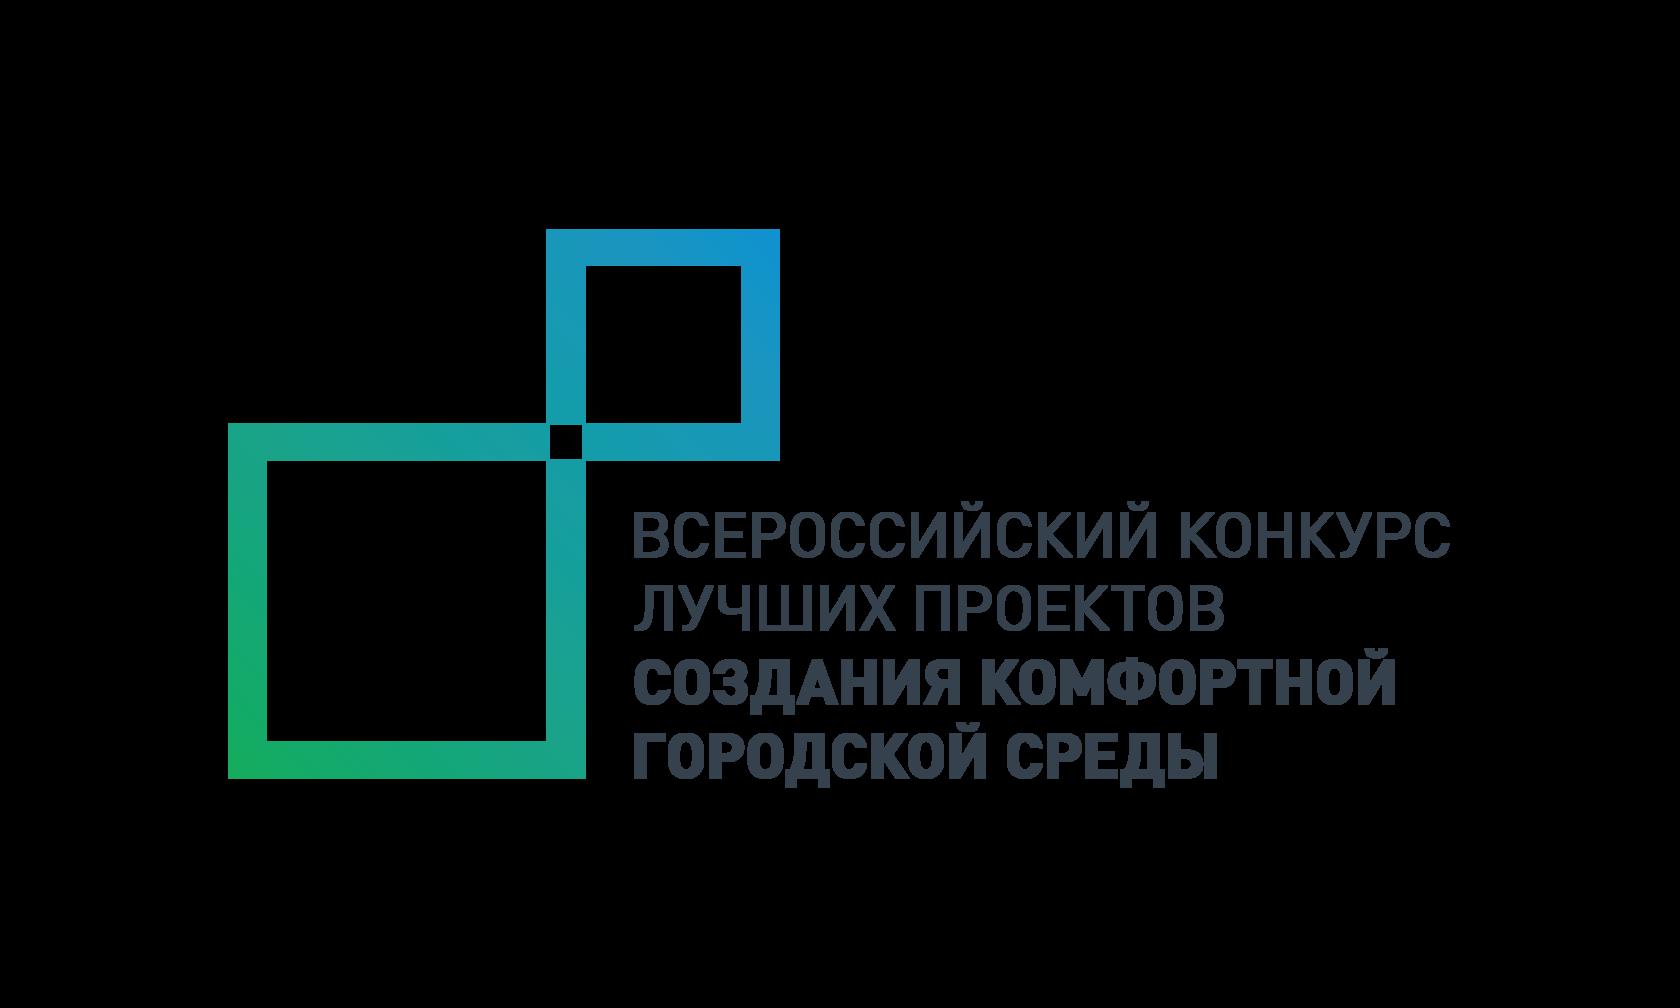 Всероссийский конкурс 2020